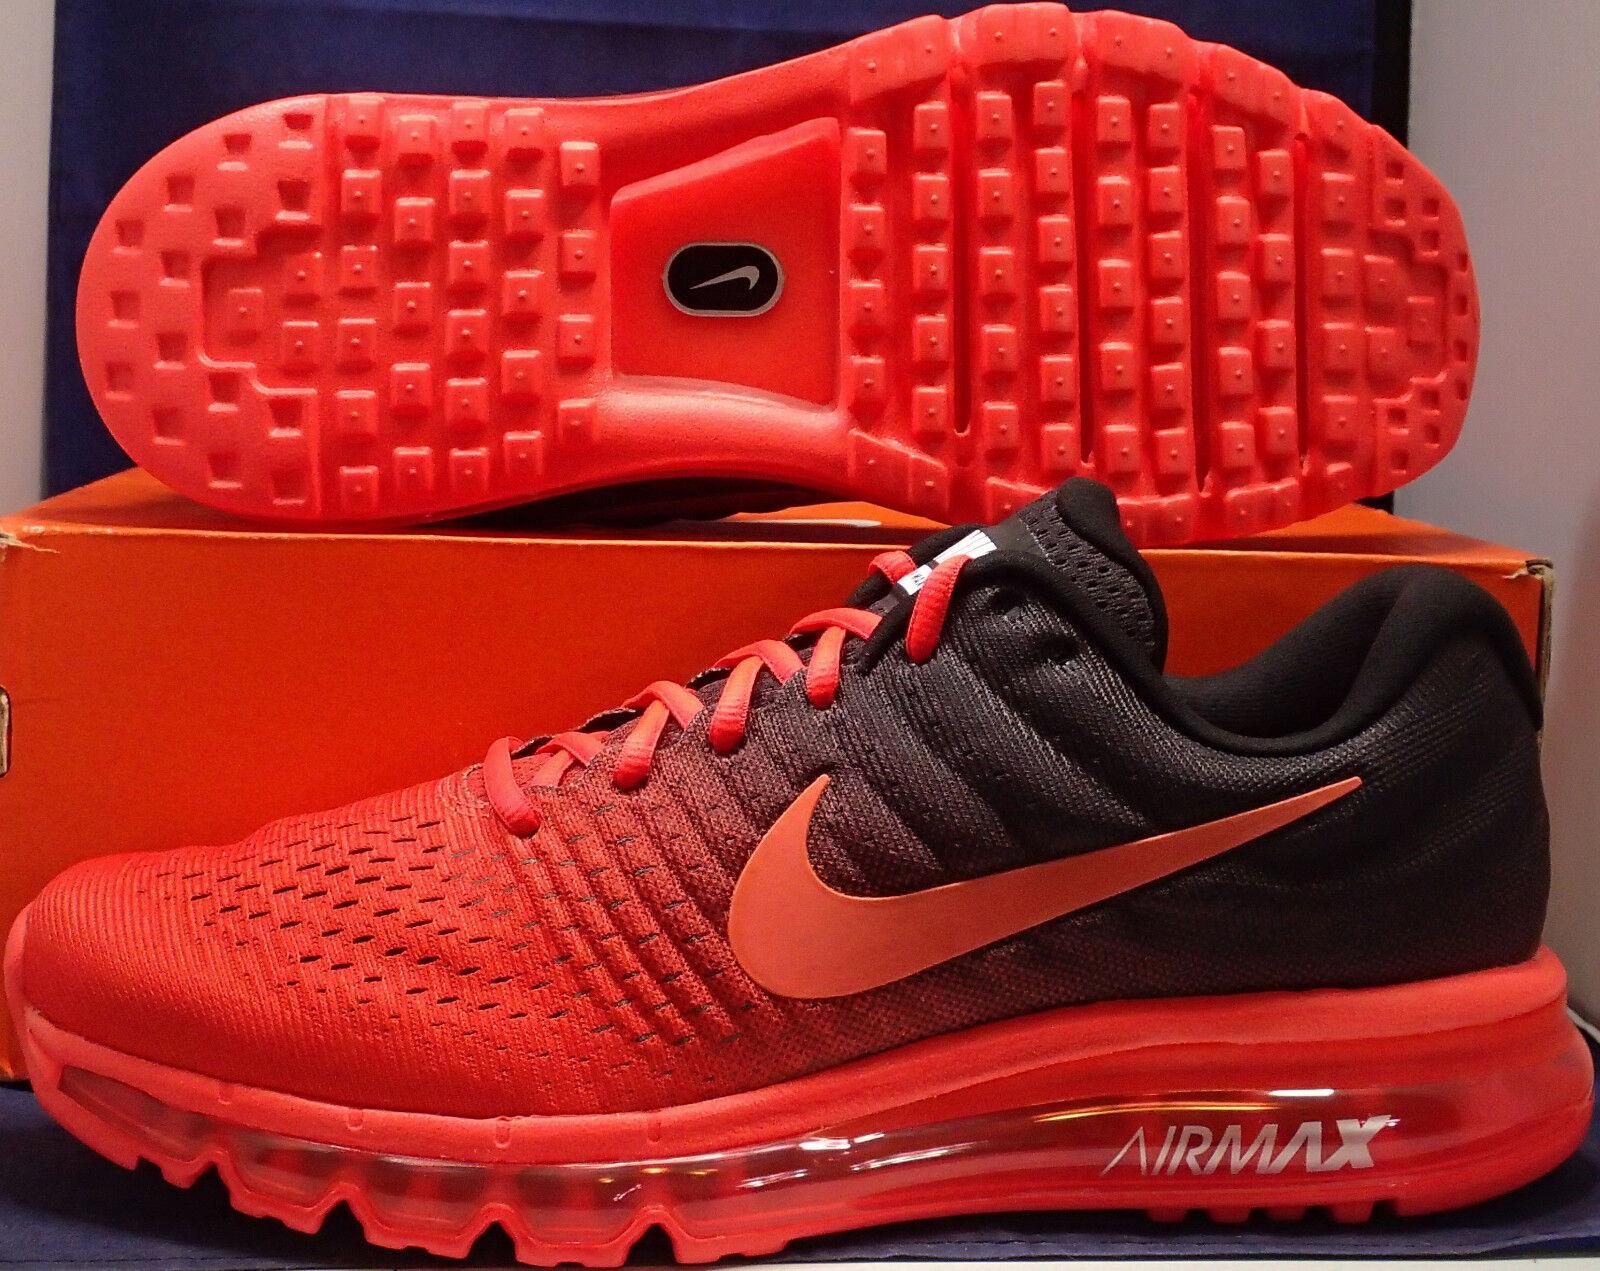 Nike Air Max 2018 Bright Crimson Total Crimson noir SZ 849559-600 10.5 ( 849559-600 SZ ) 0295f4